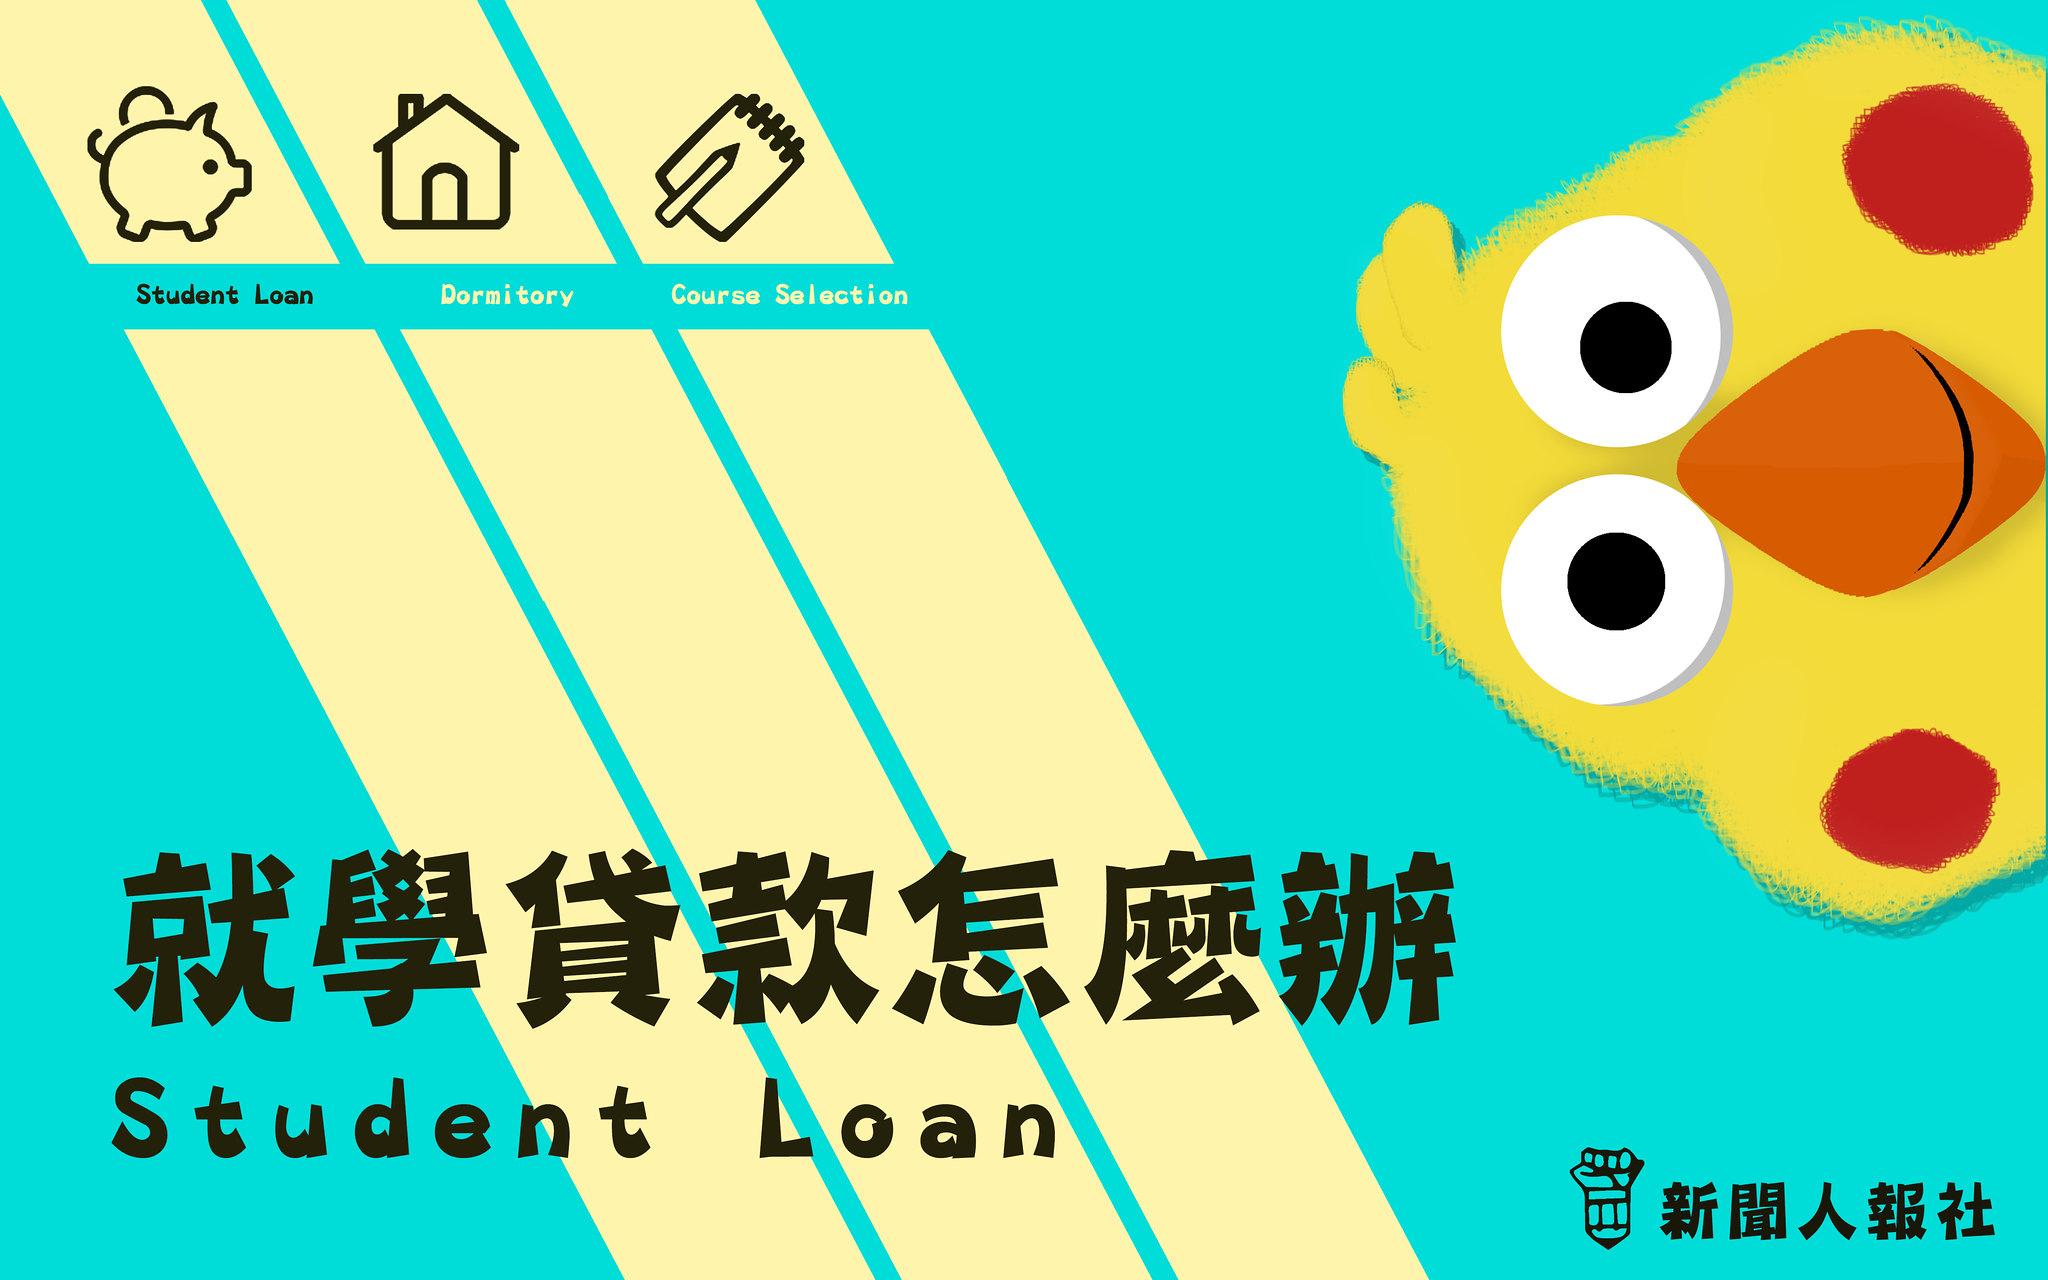 就學貸款怎麼辦